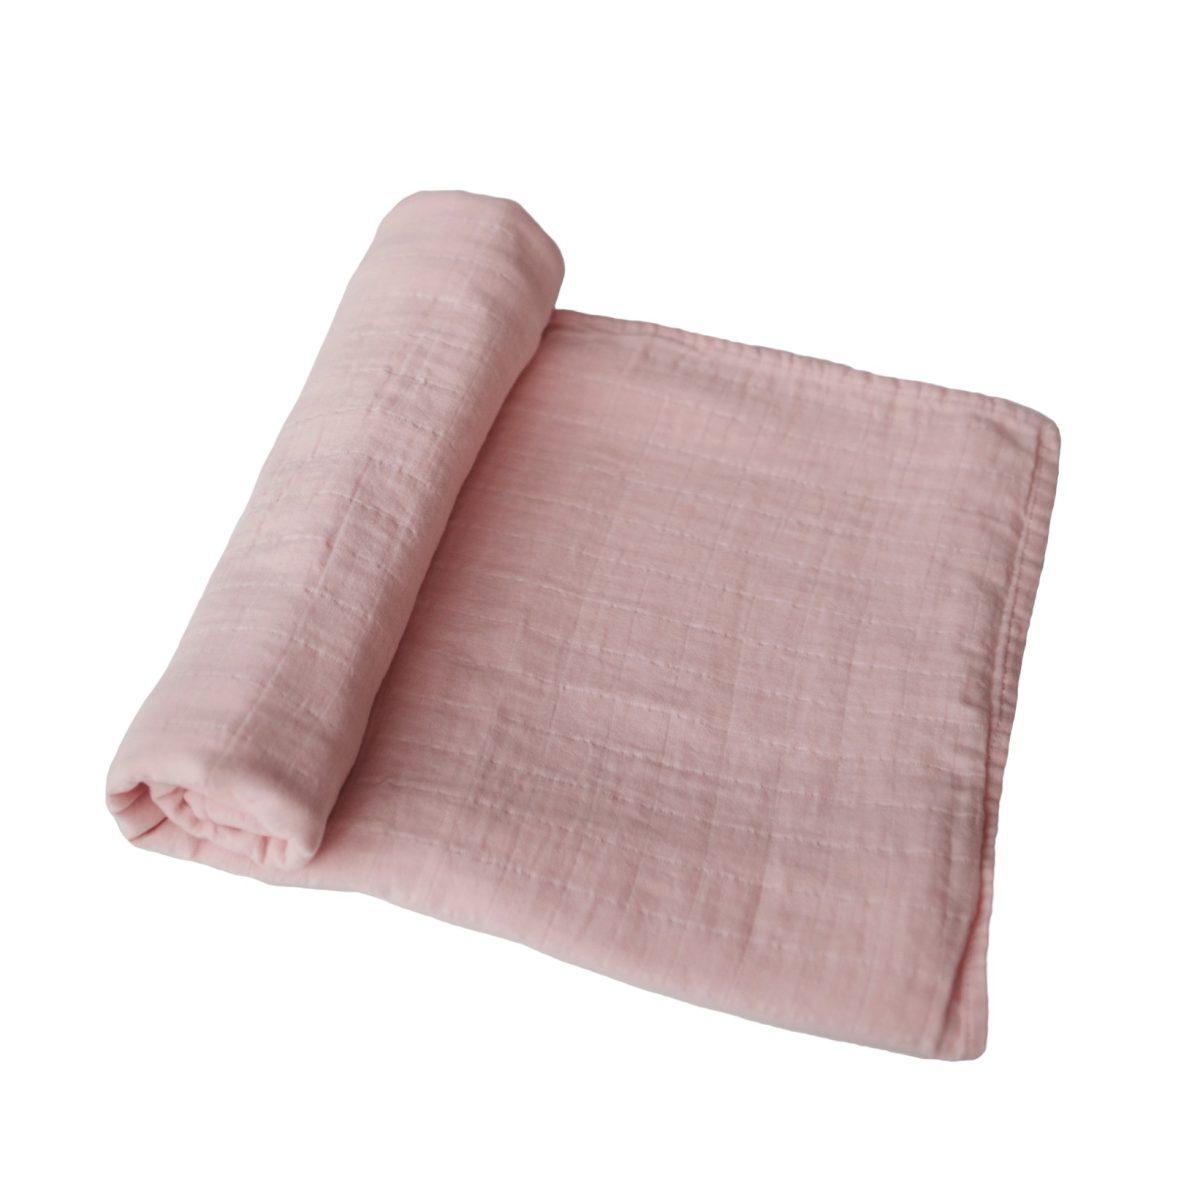 Mushie Swaddle Blanket - Rose Vanilla